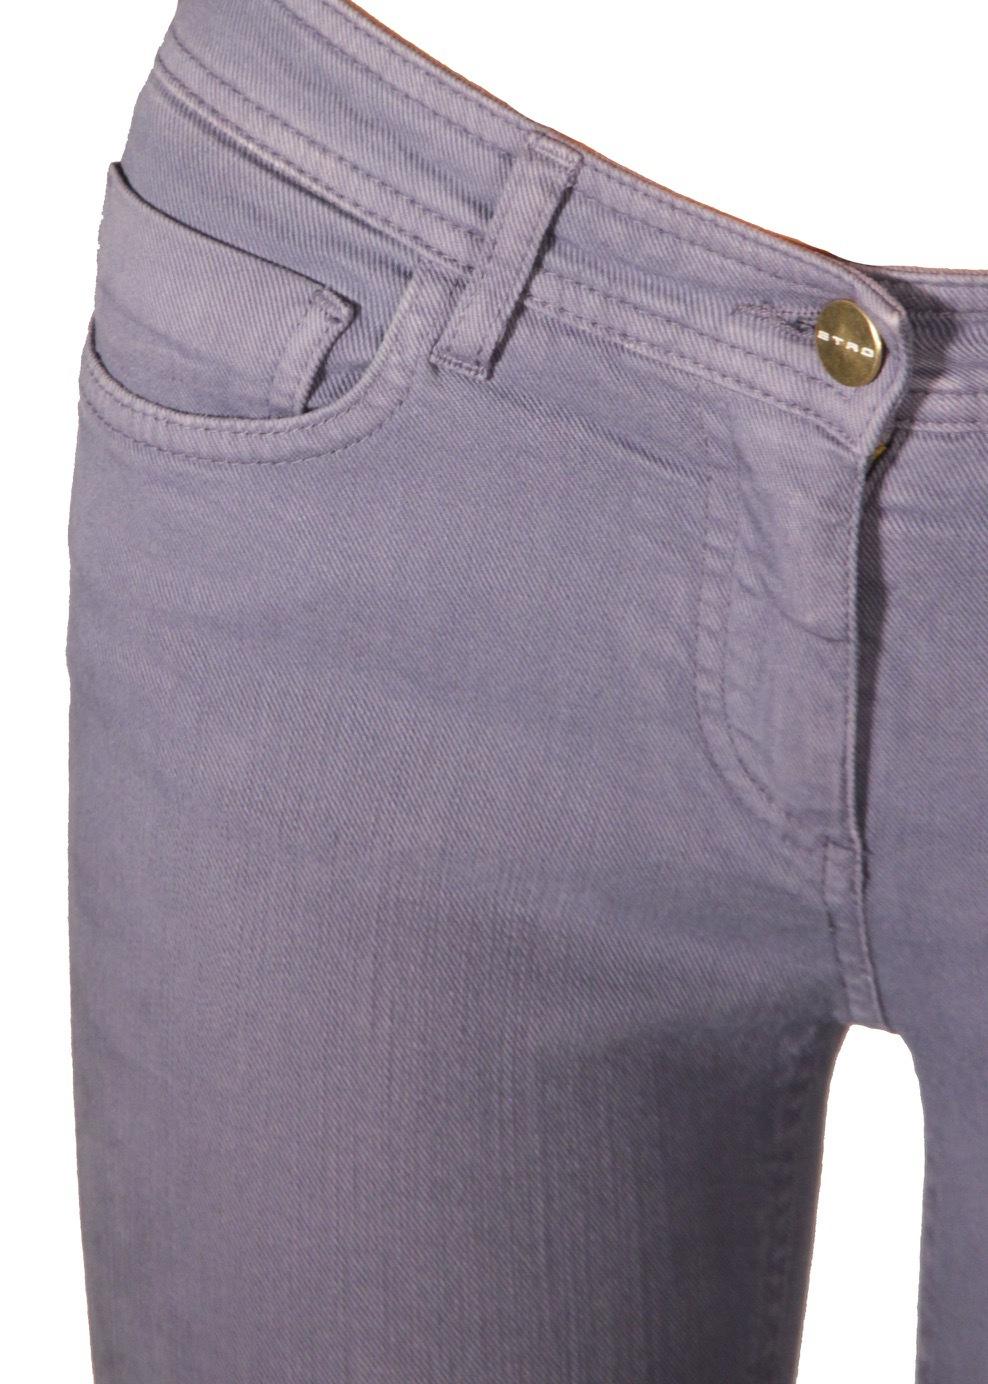 Джинсы. Цвет лиловый/бирюзовый ETRO